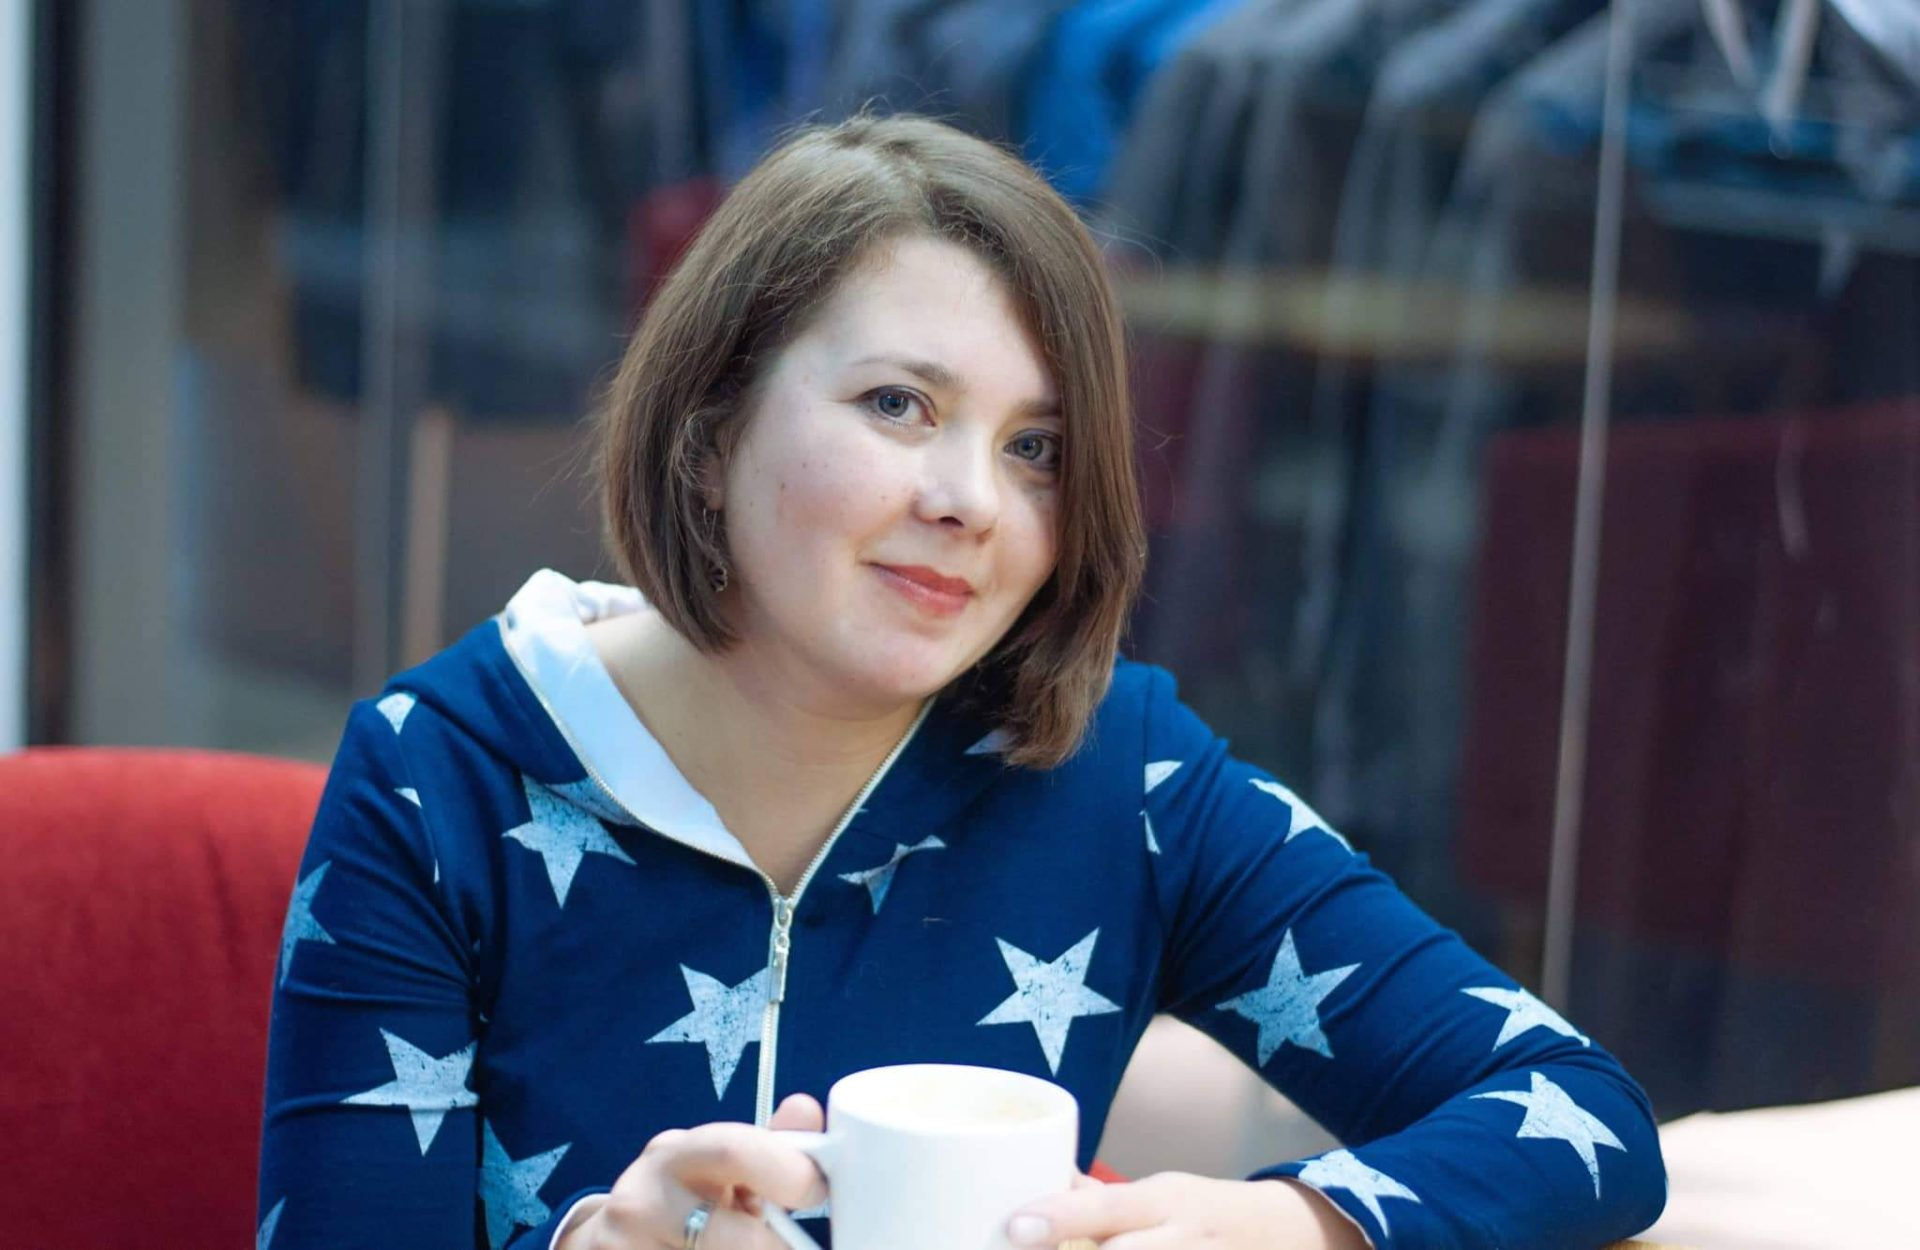 Кристина Рудницкая: таргетинг позволяет работать с англоязычными клиентами